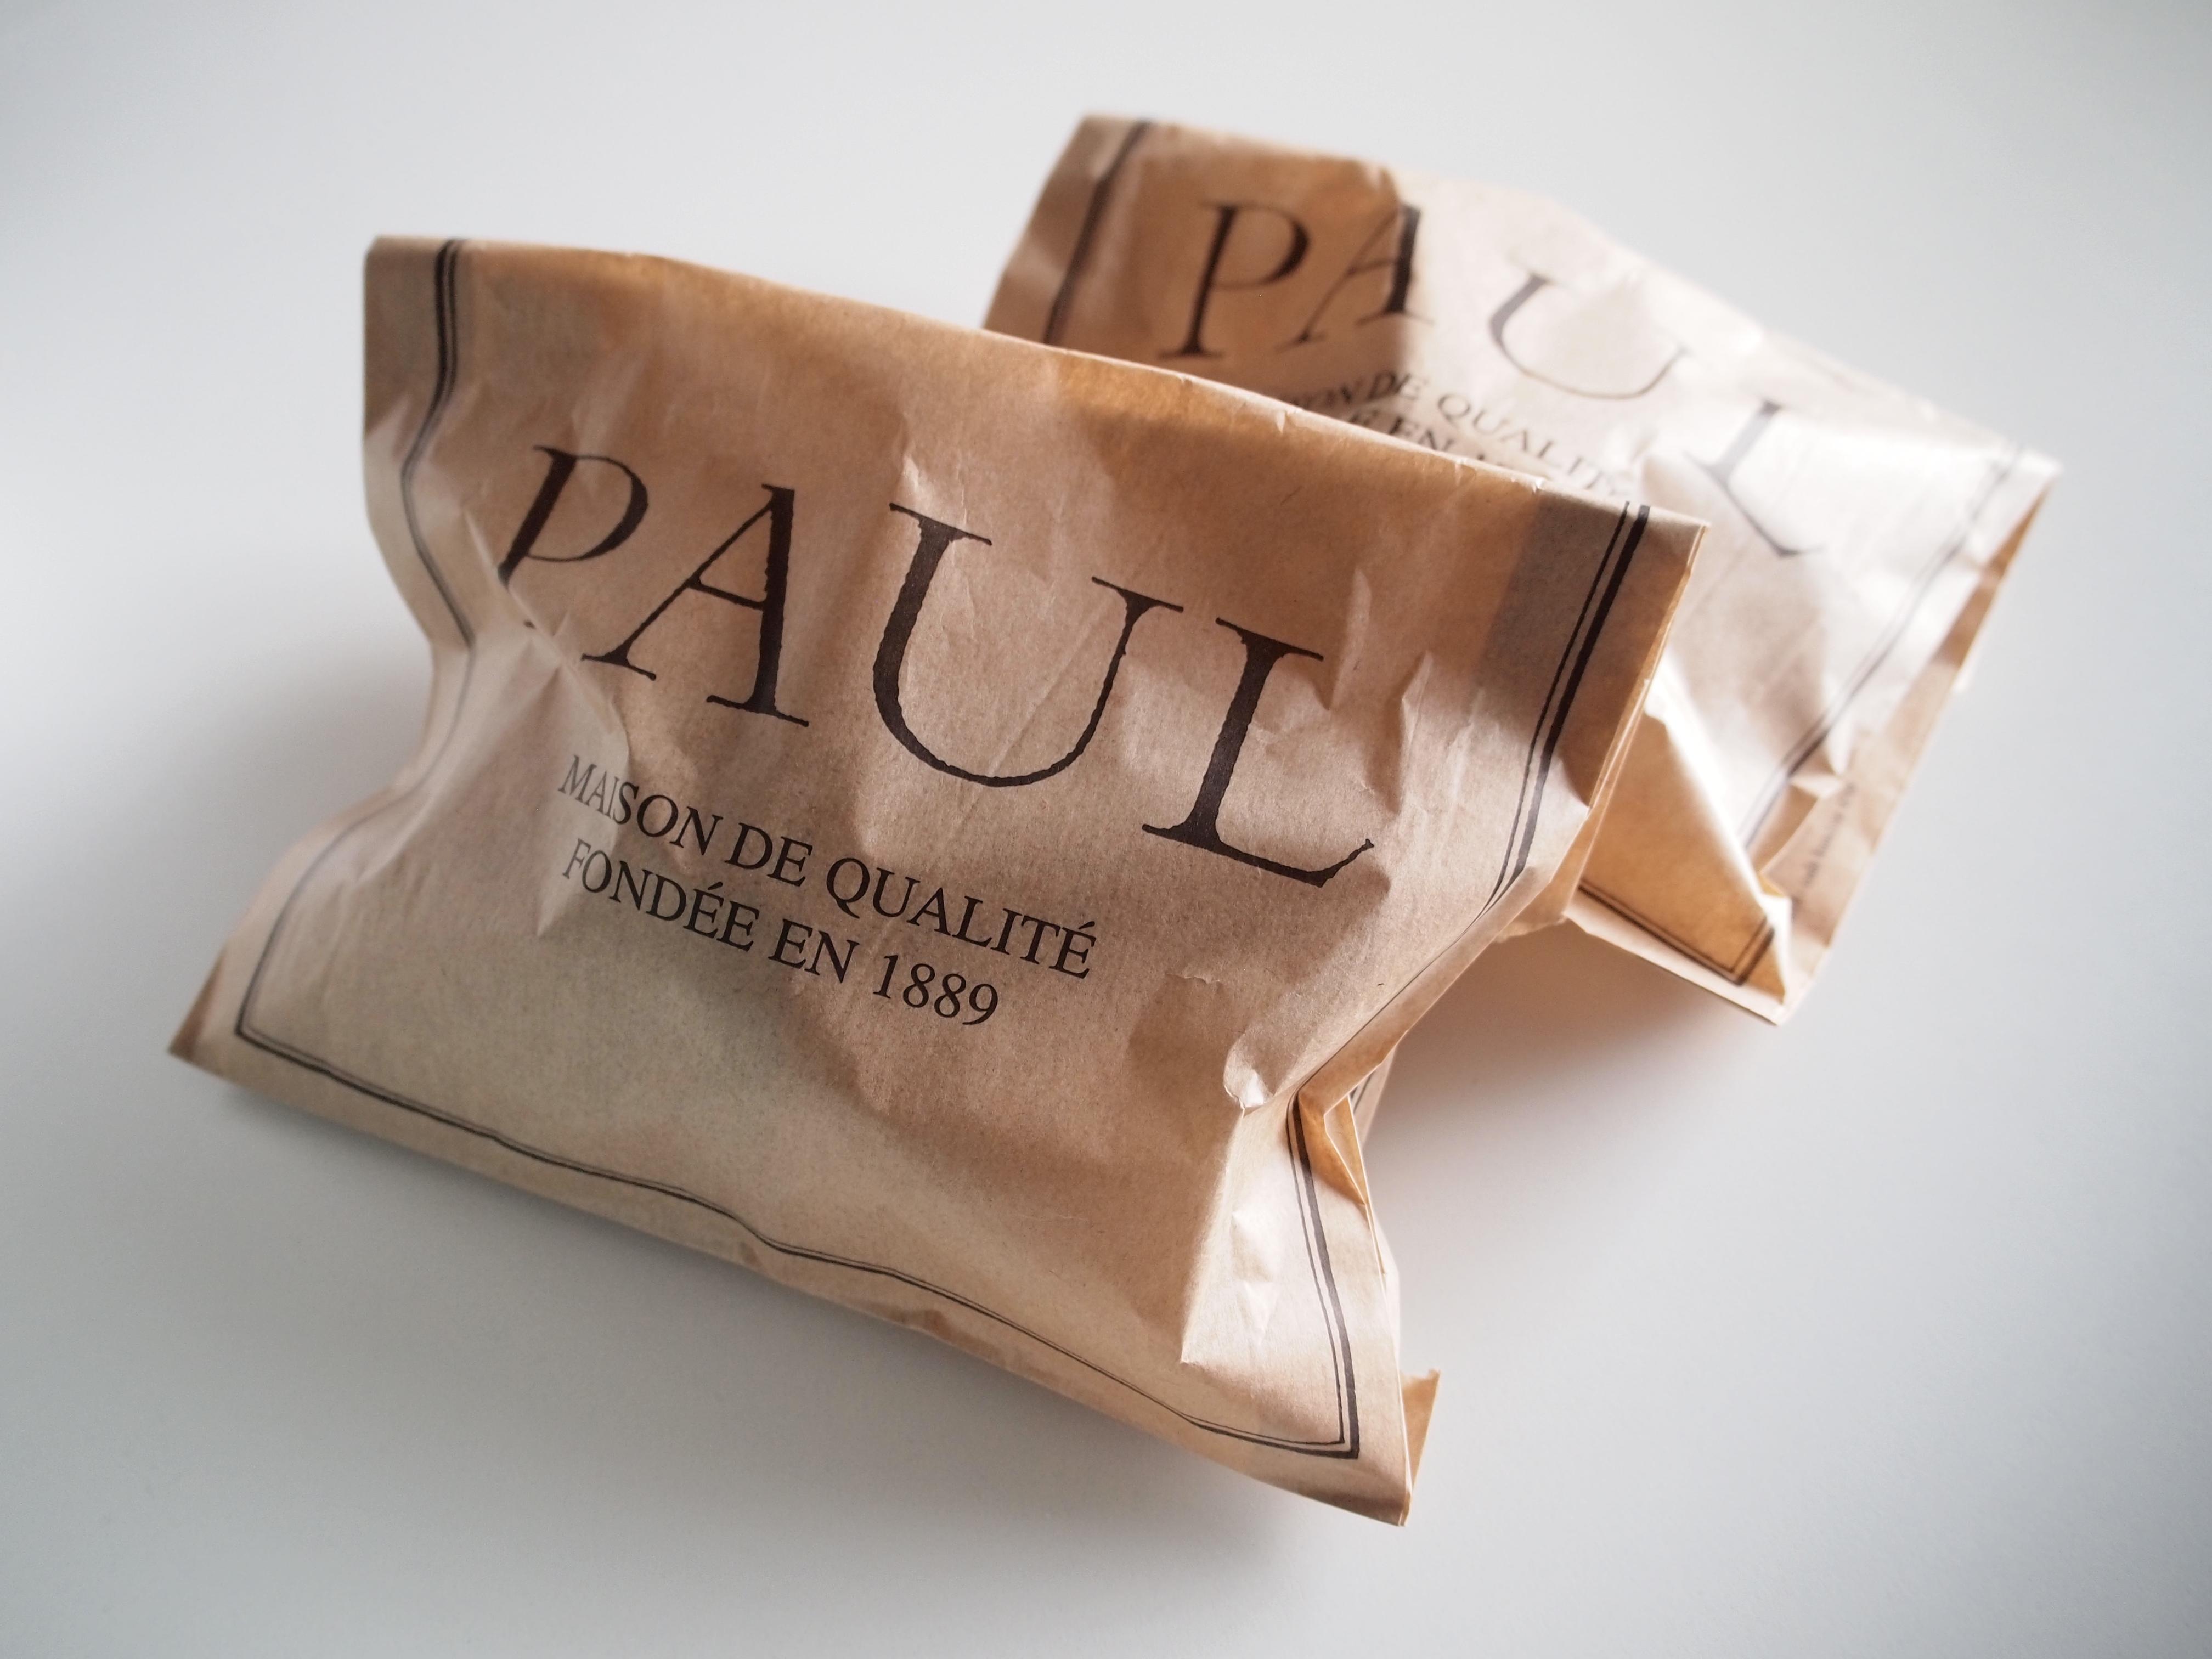 PAUL パン クロワッサン おすすめ 人気 メニュー 値段